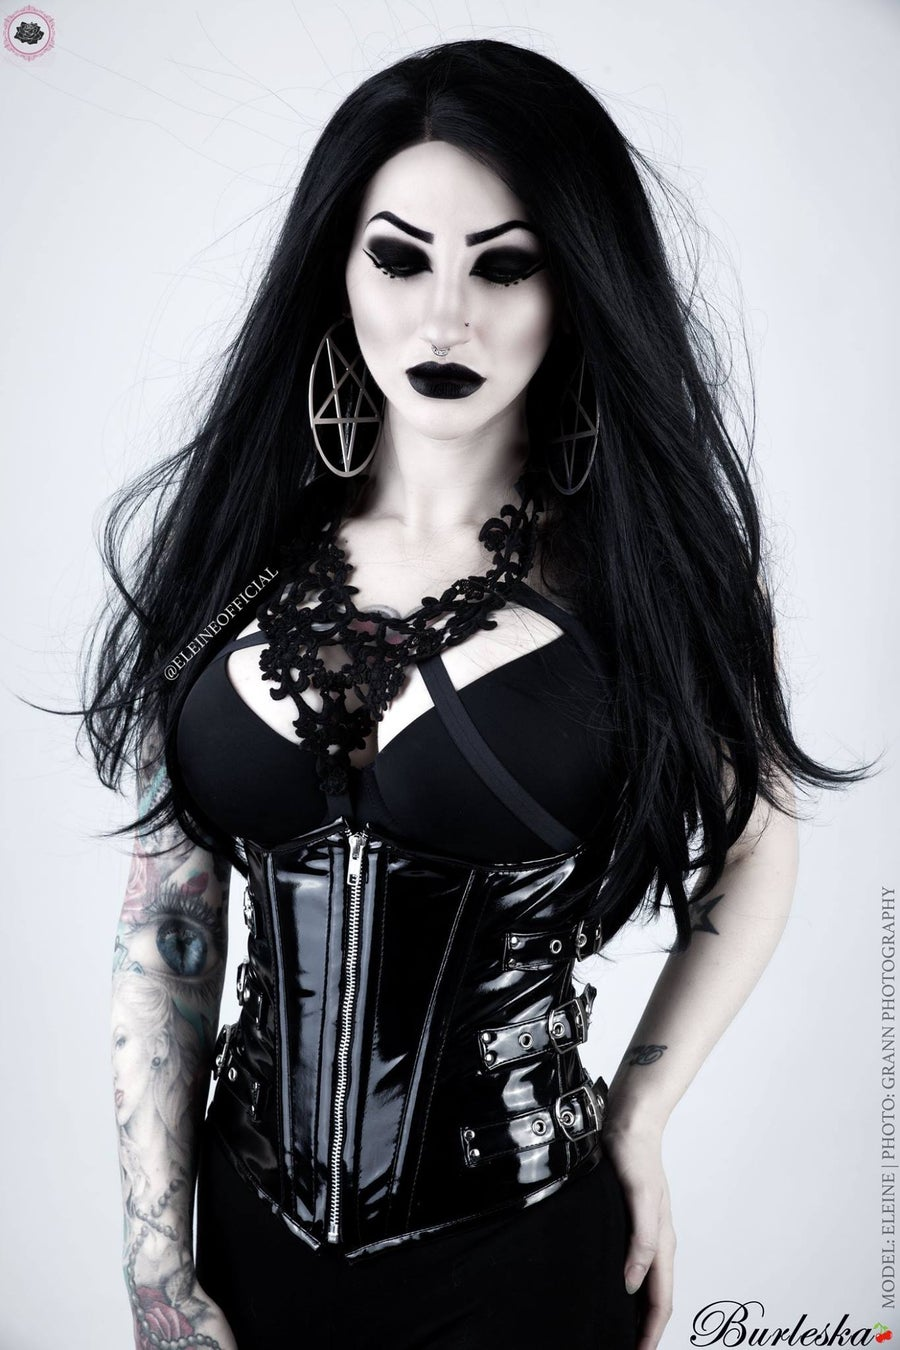 Image of Onyx